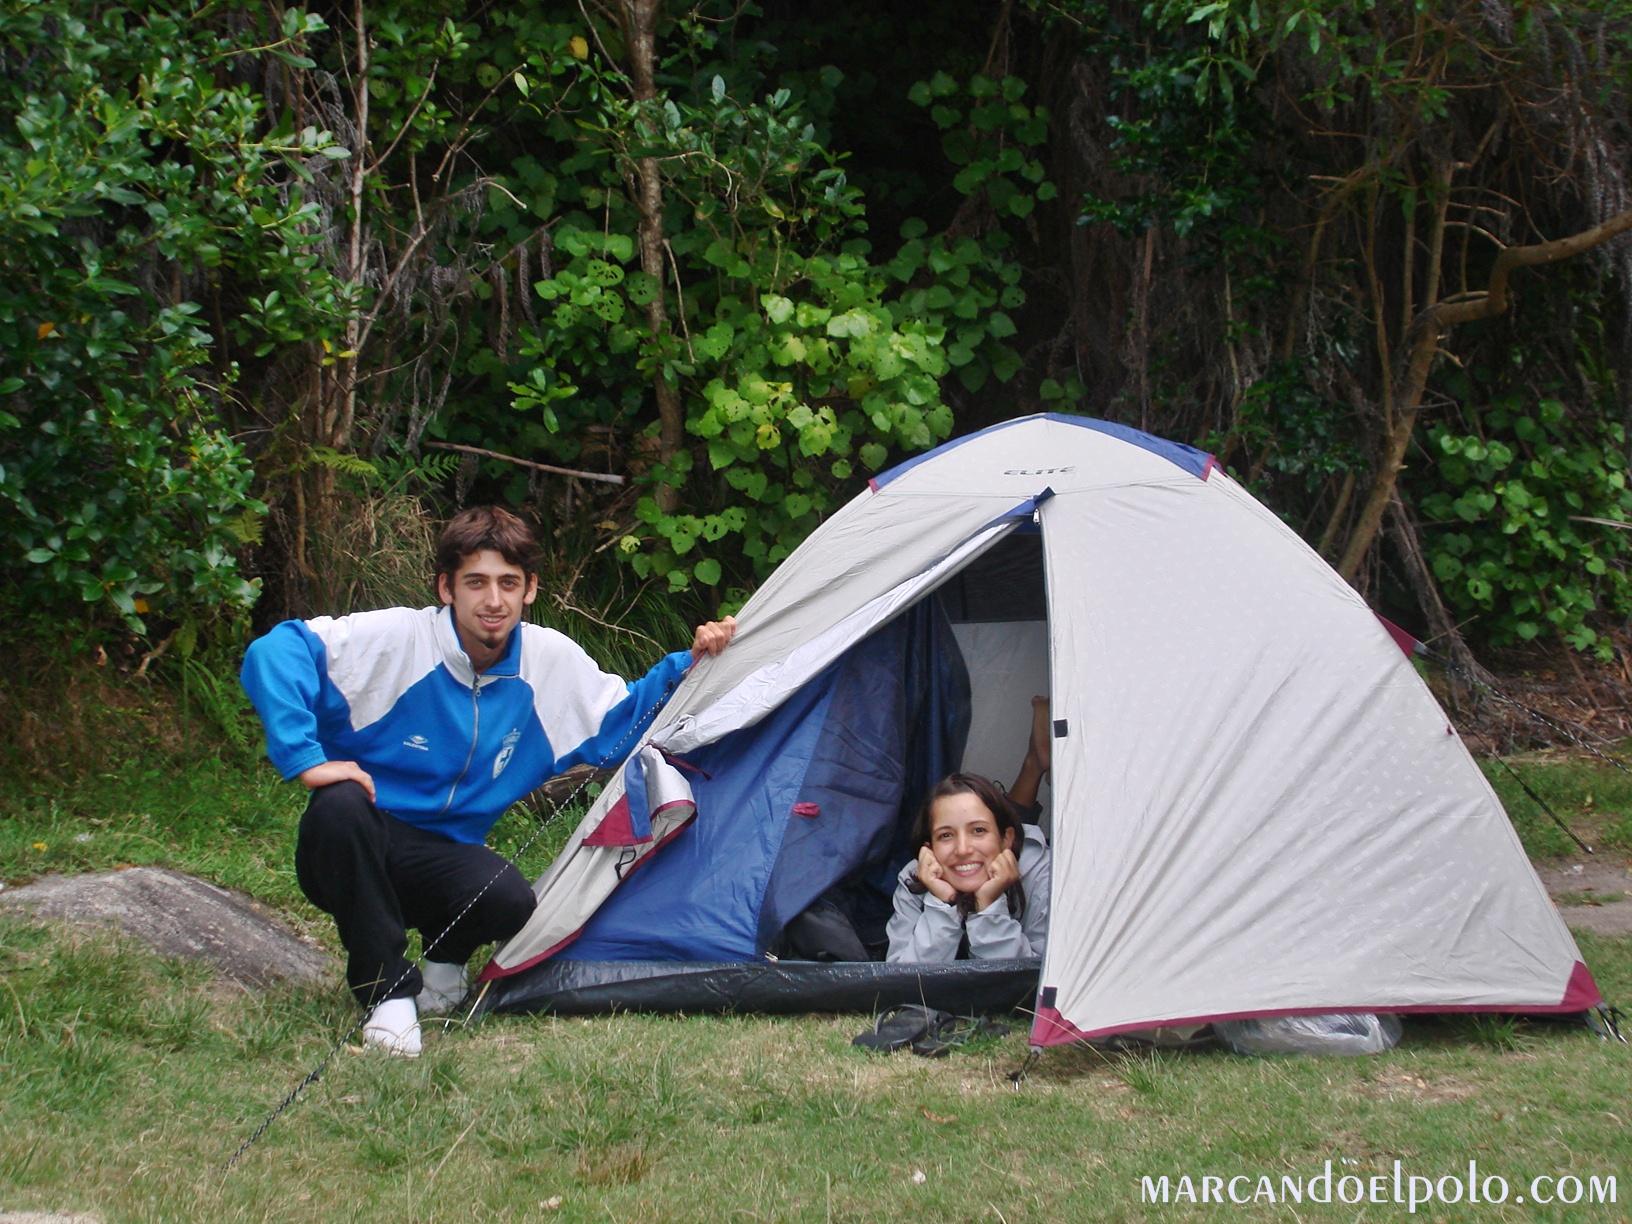 Viajar barato por Asia: acampar y compartir alojamiento